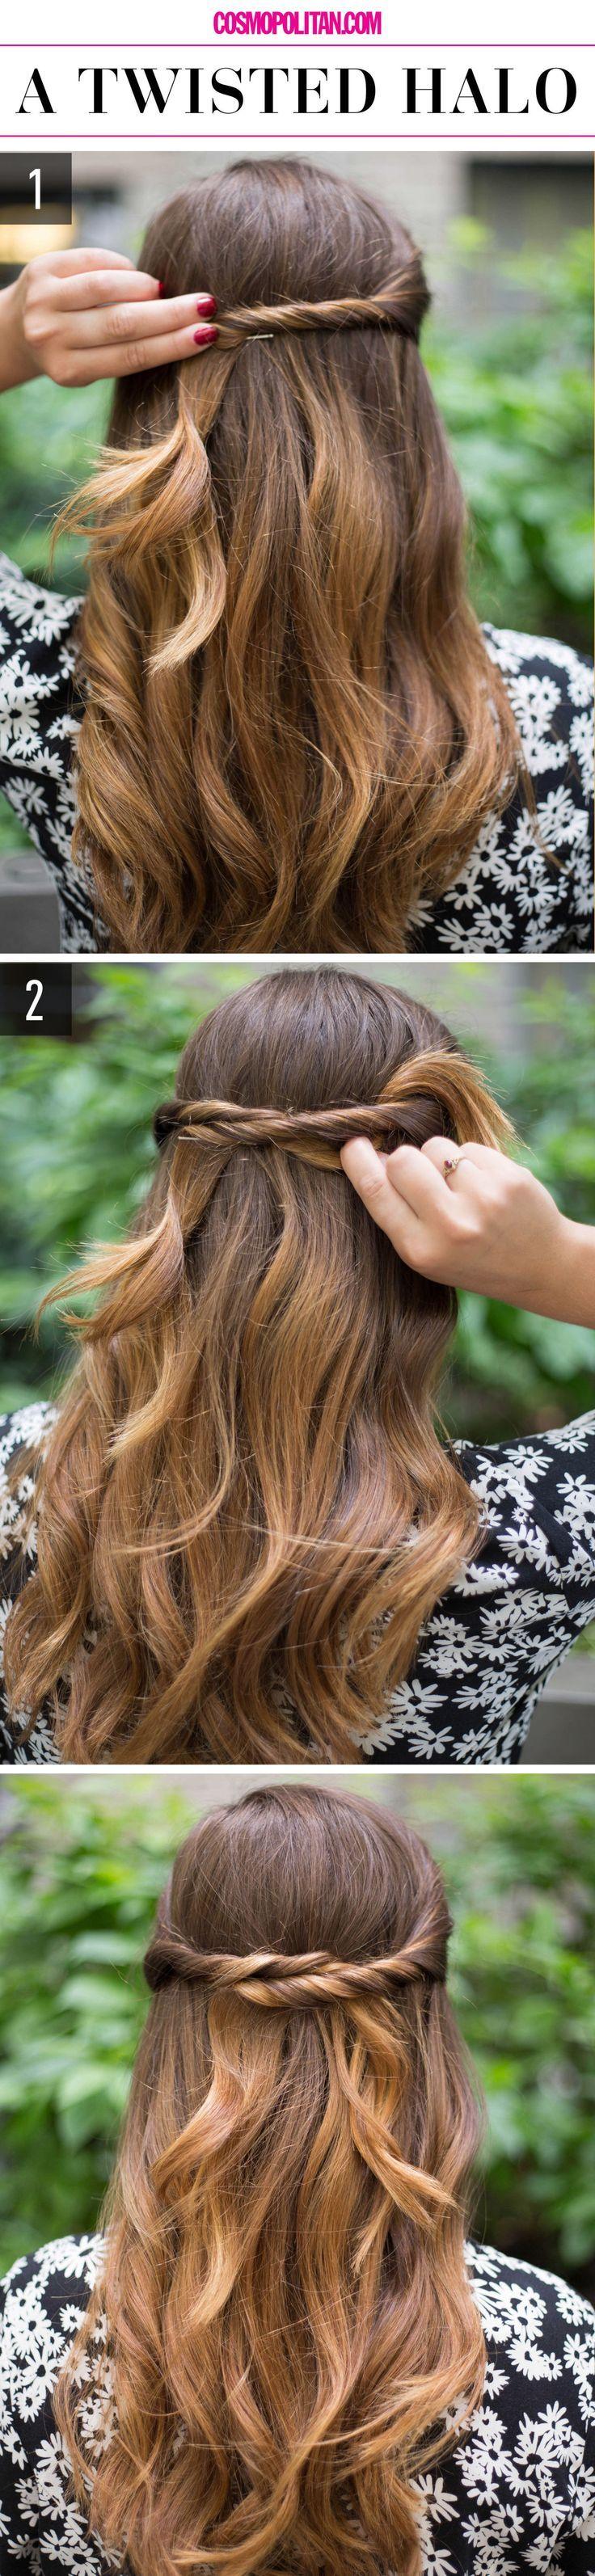 106 best Hair images on Pinterest